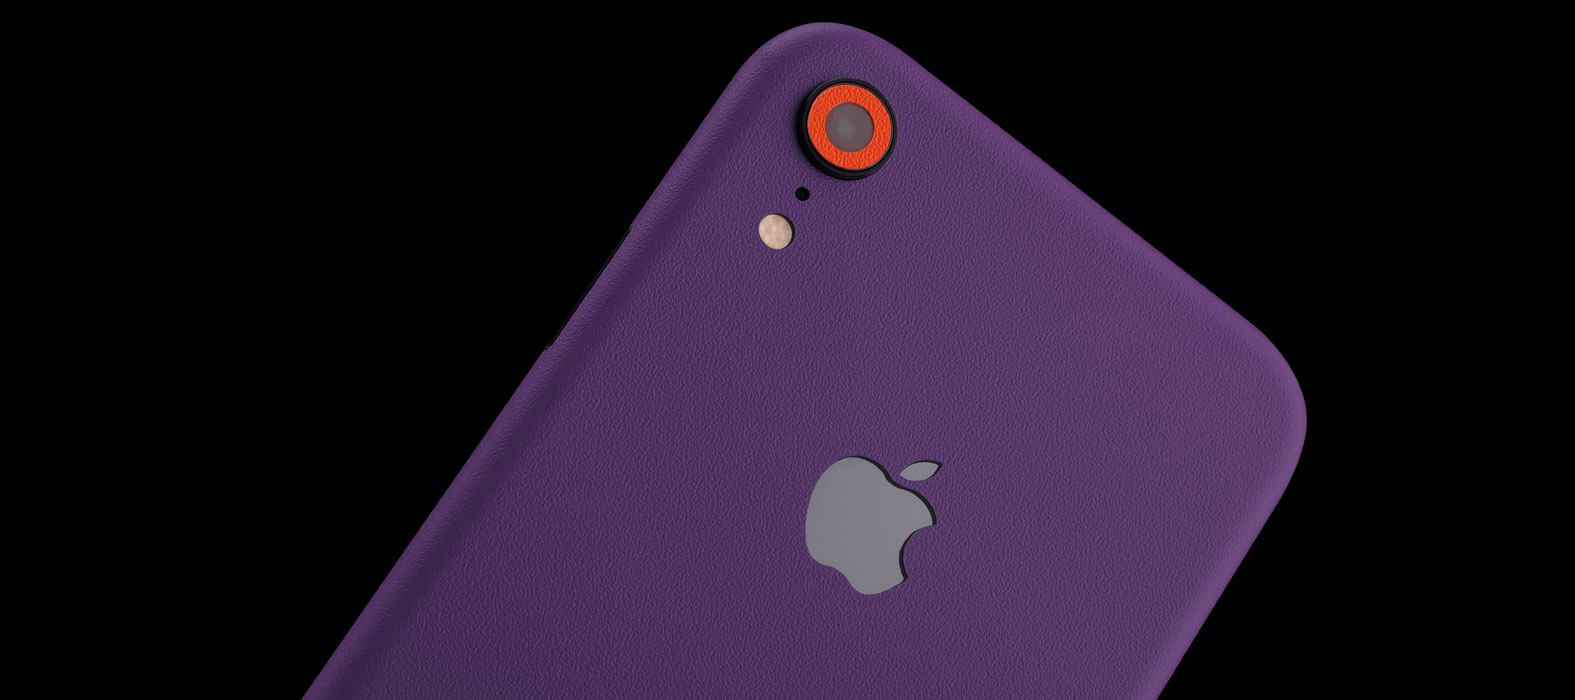 iphone-xr-sandstone-purple_skins